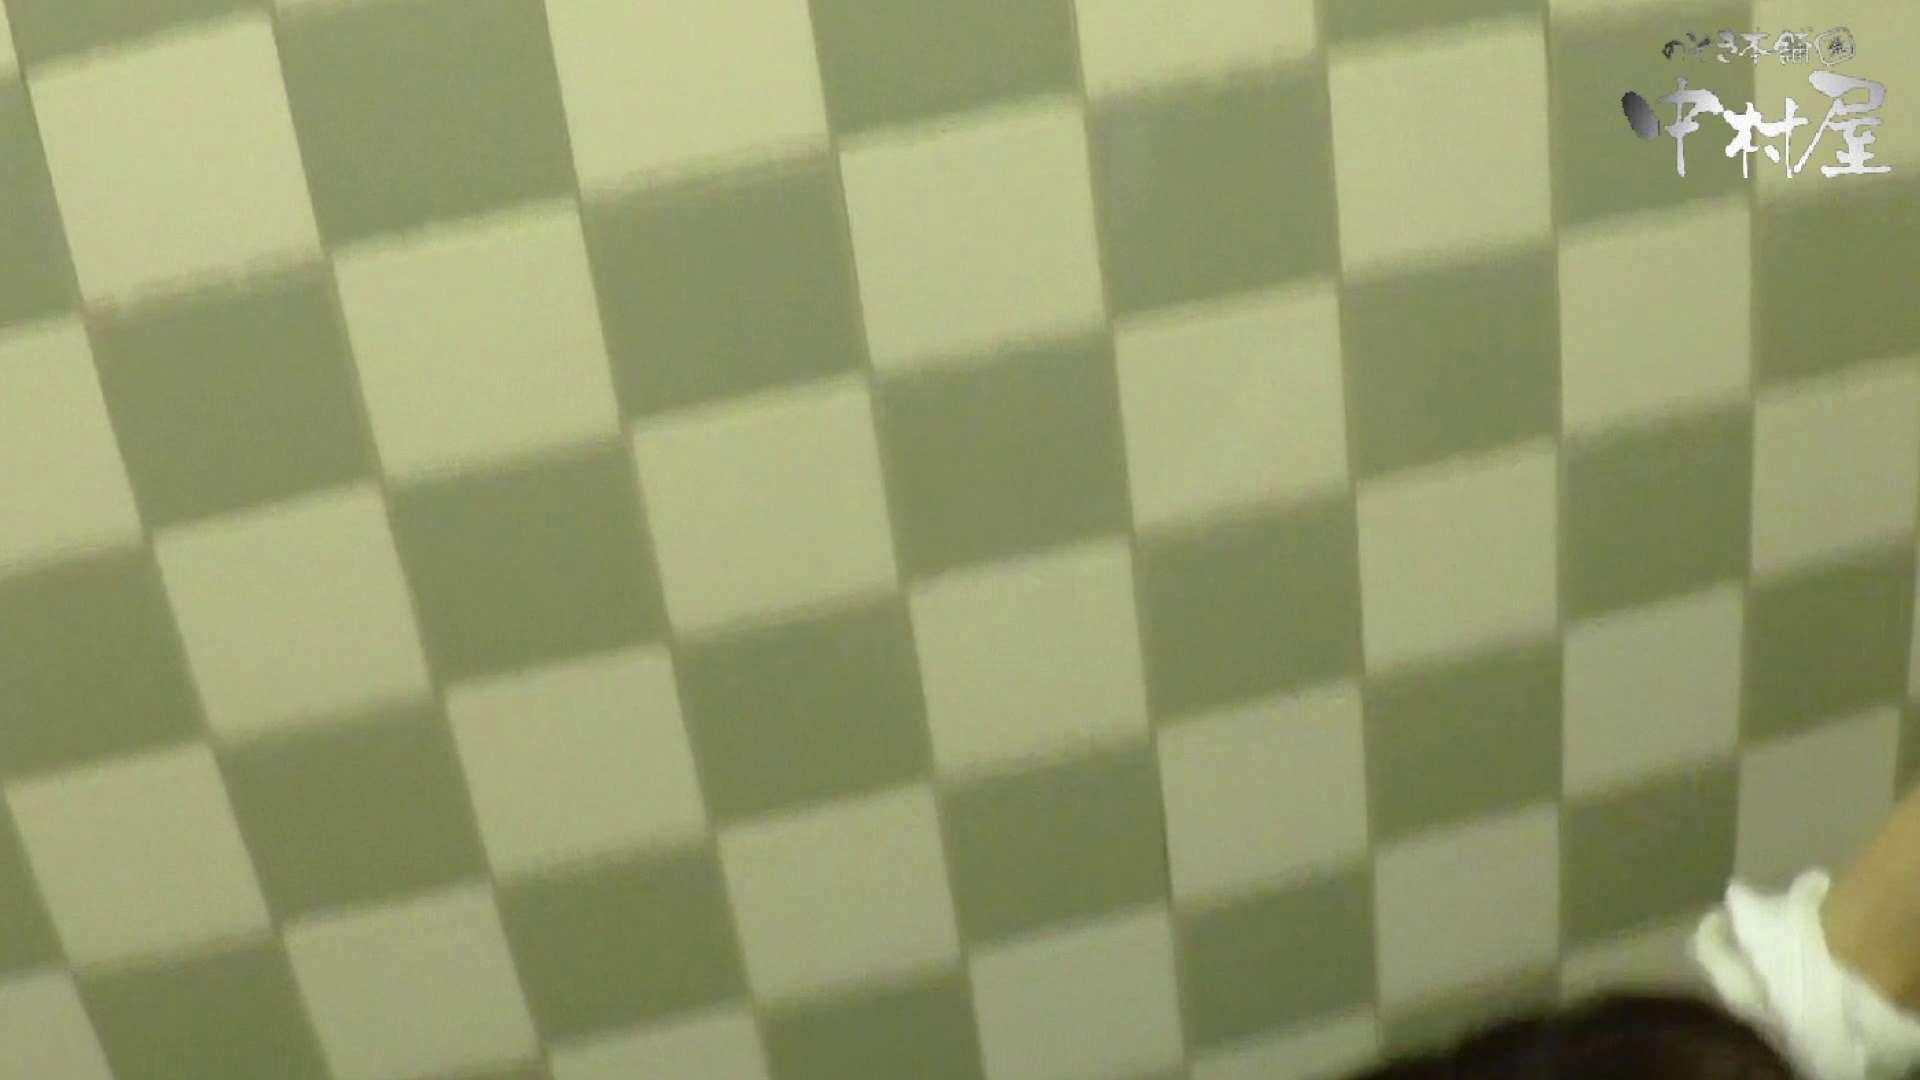 お待たせしました始動します‼雅さんの独断と偏見で集めた動画集 Vol.8 OLセックス | 期間限定  85画像 59